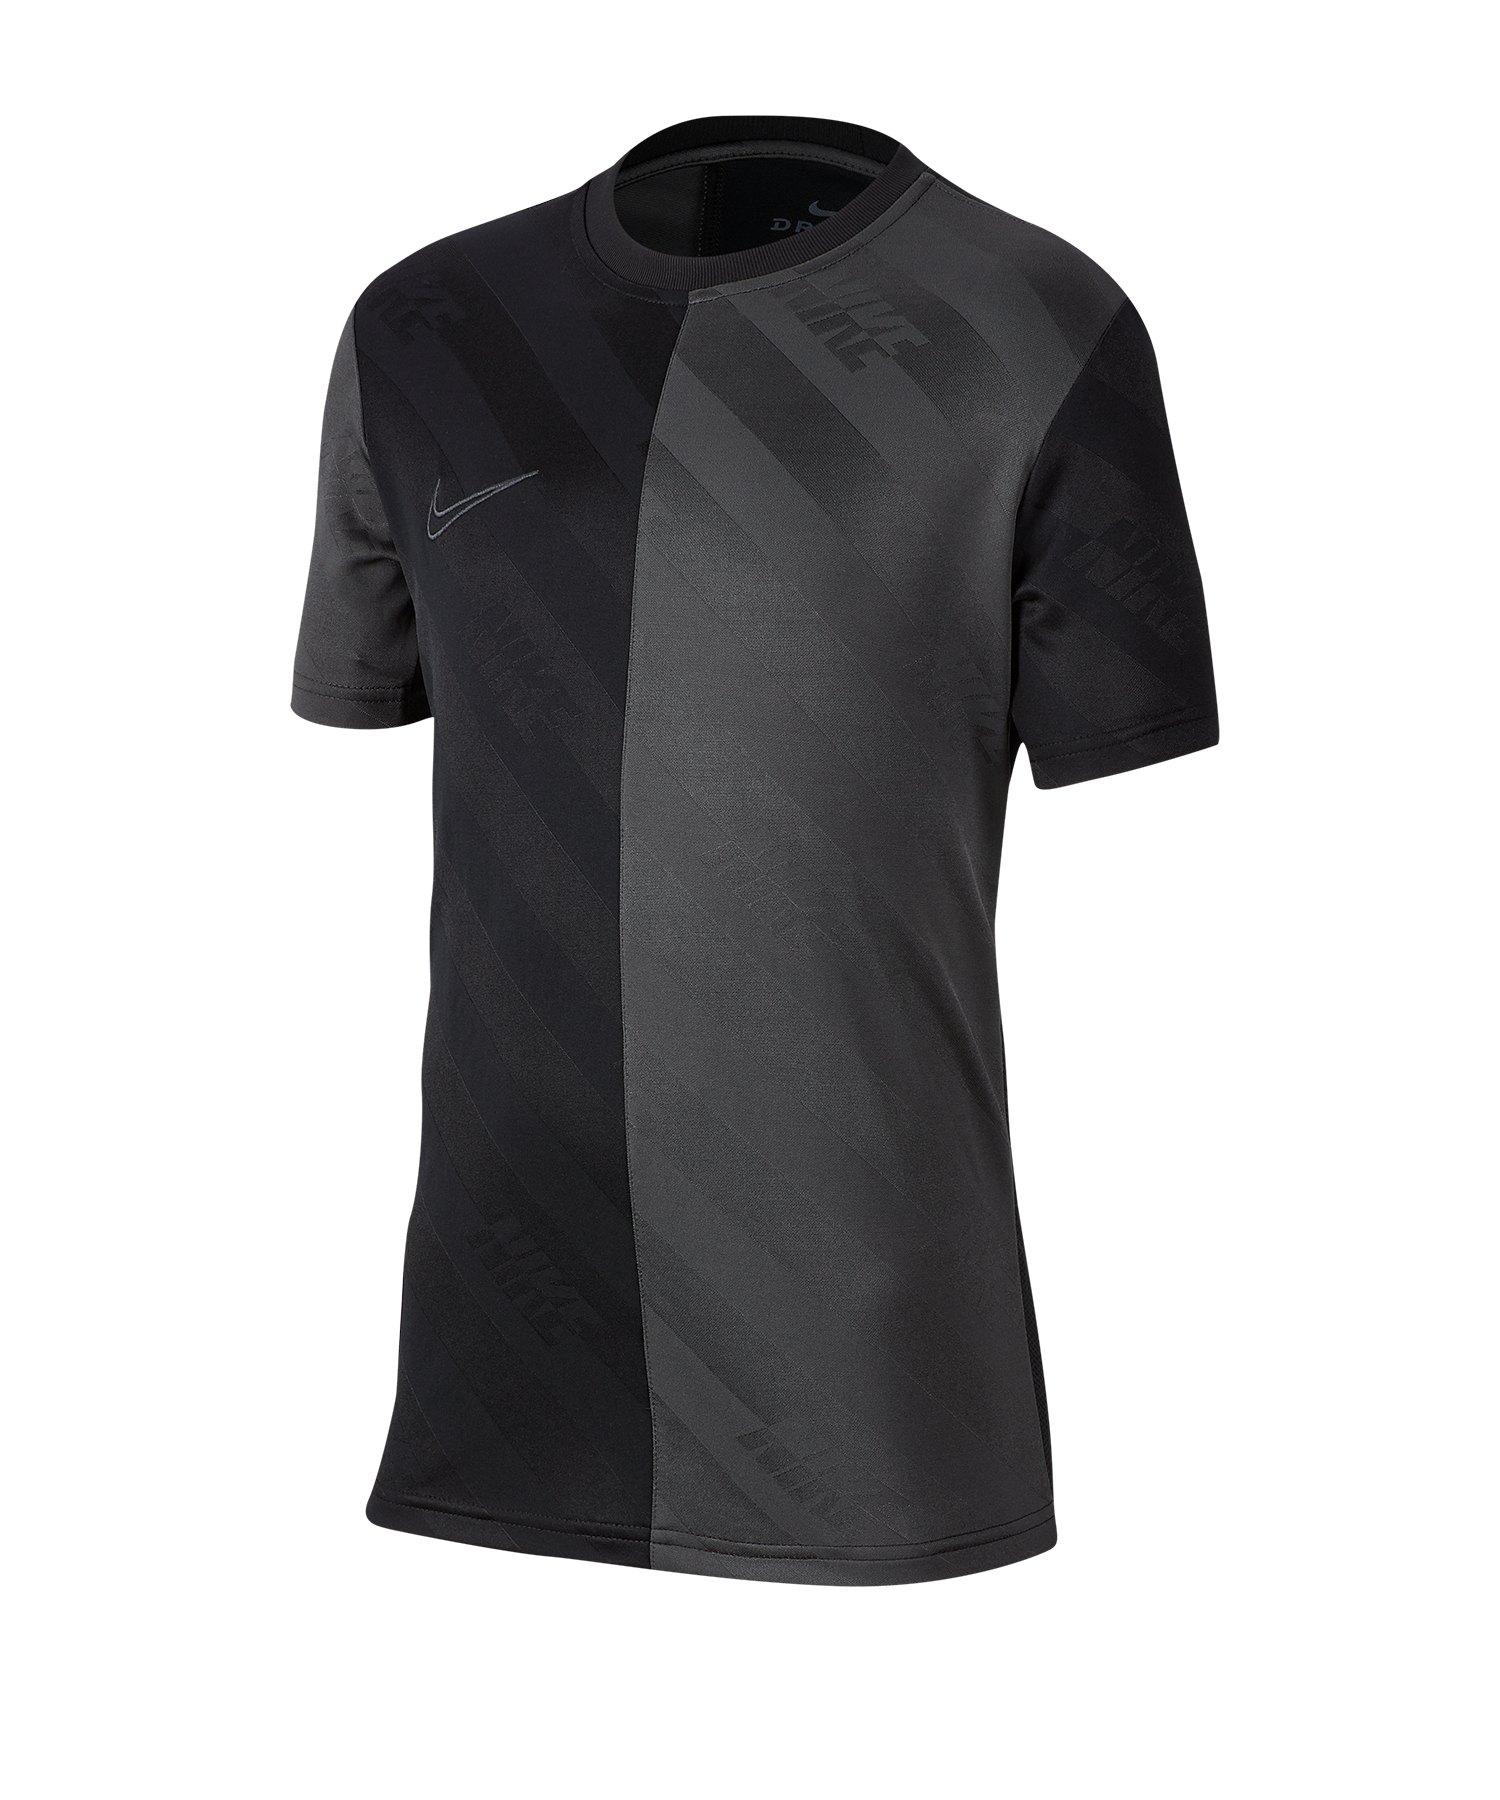 Nike Dri-FIT Academy T-Shirt Kids Schwarz F010 - schwarz